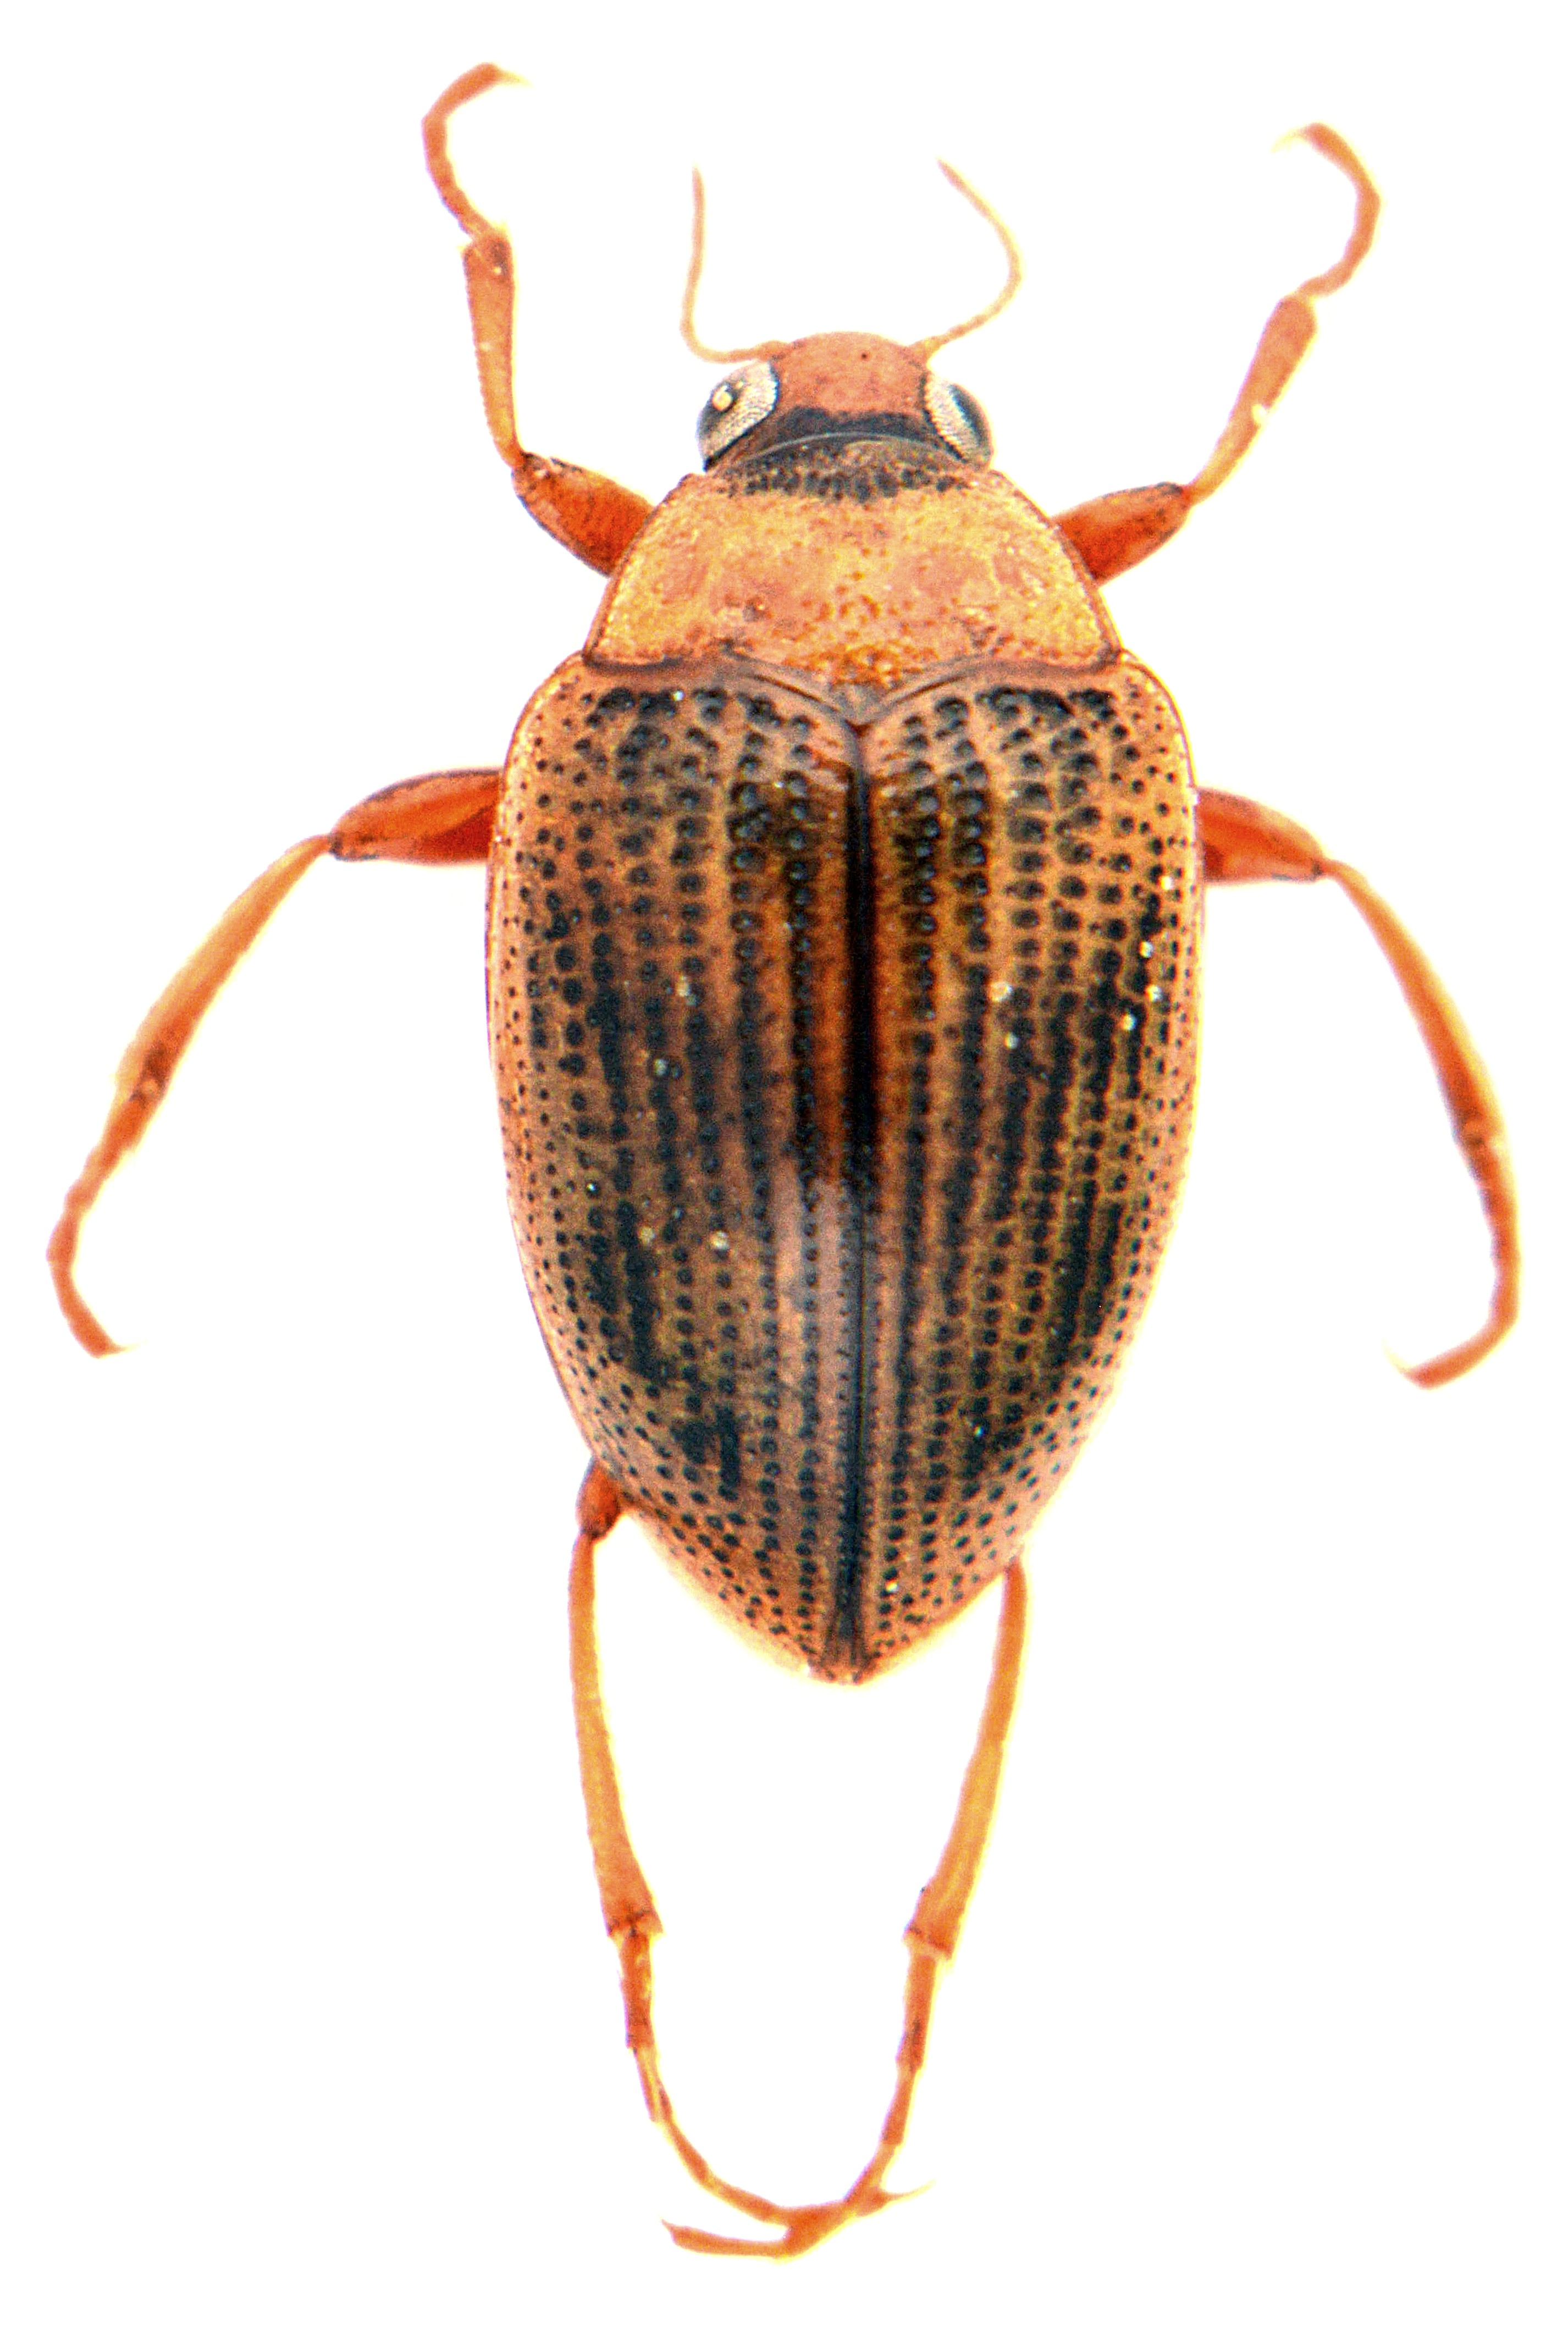 Haliplus laminatus 3